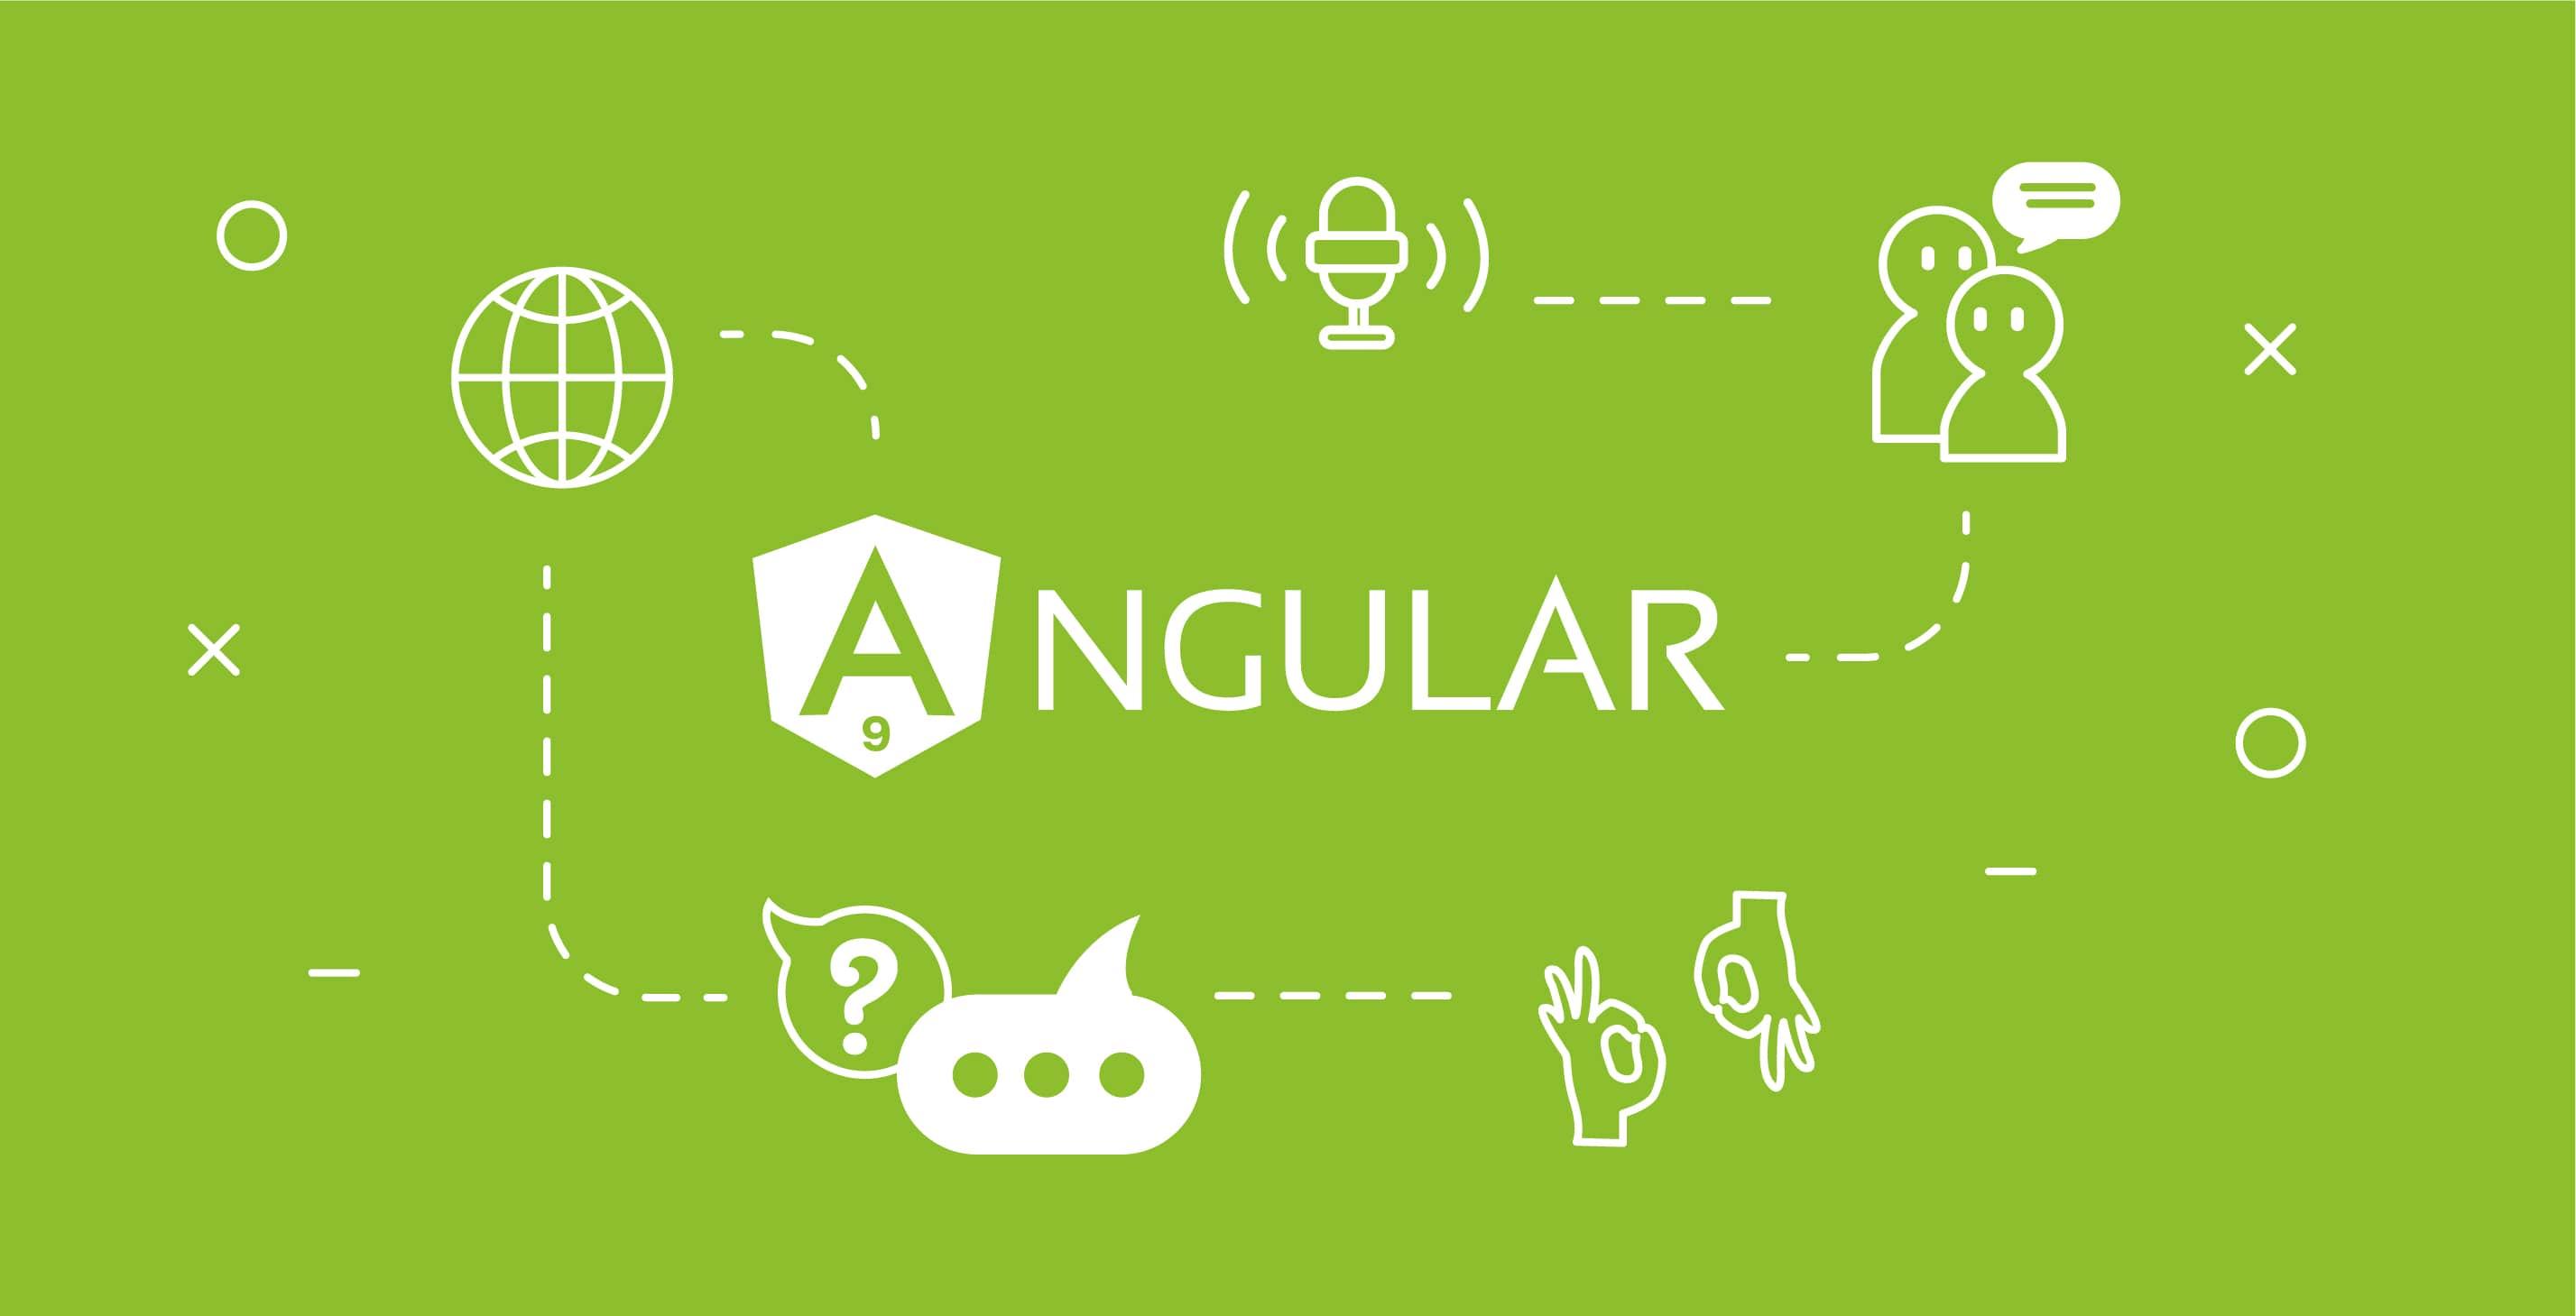 miglior internazionalizzazione con angular 9